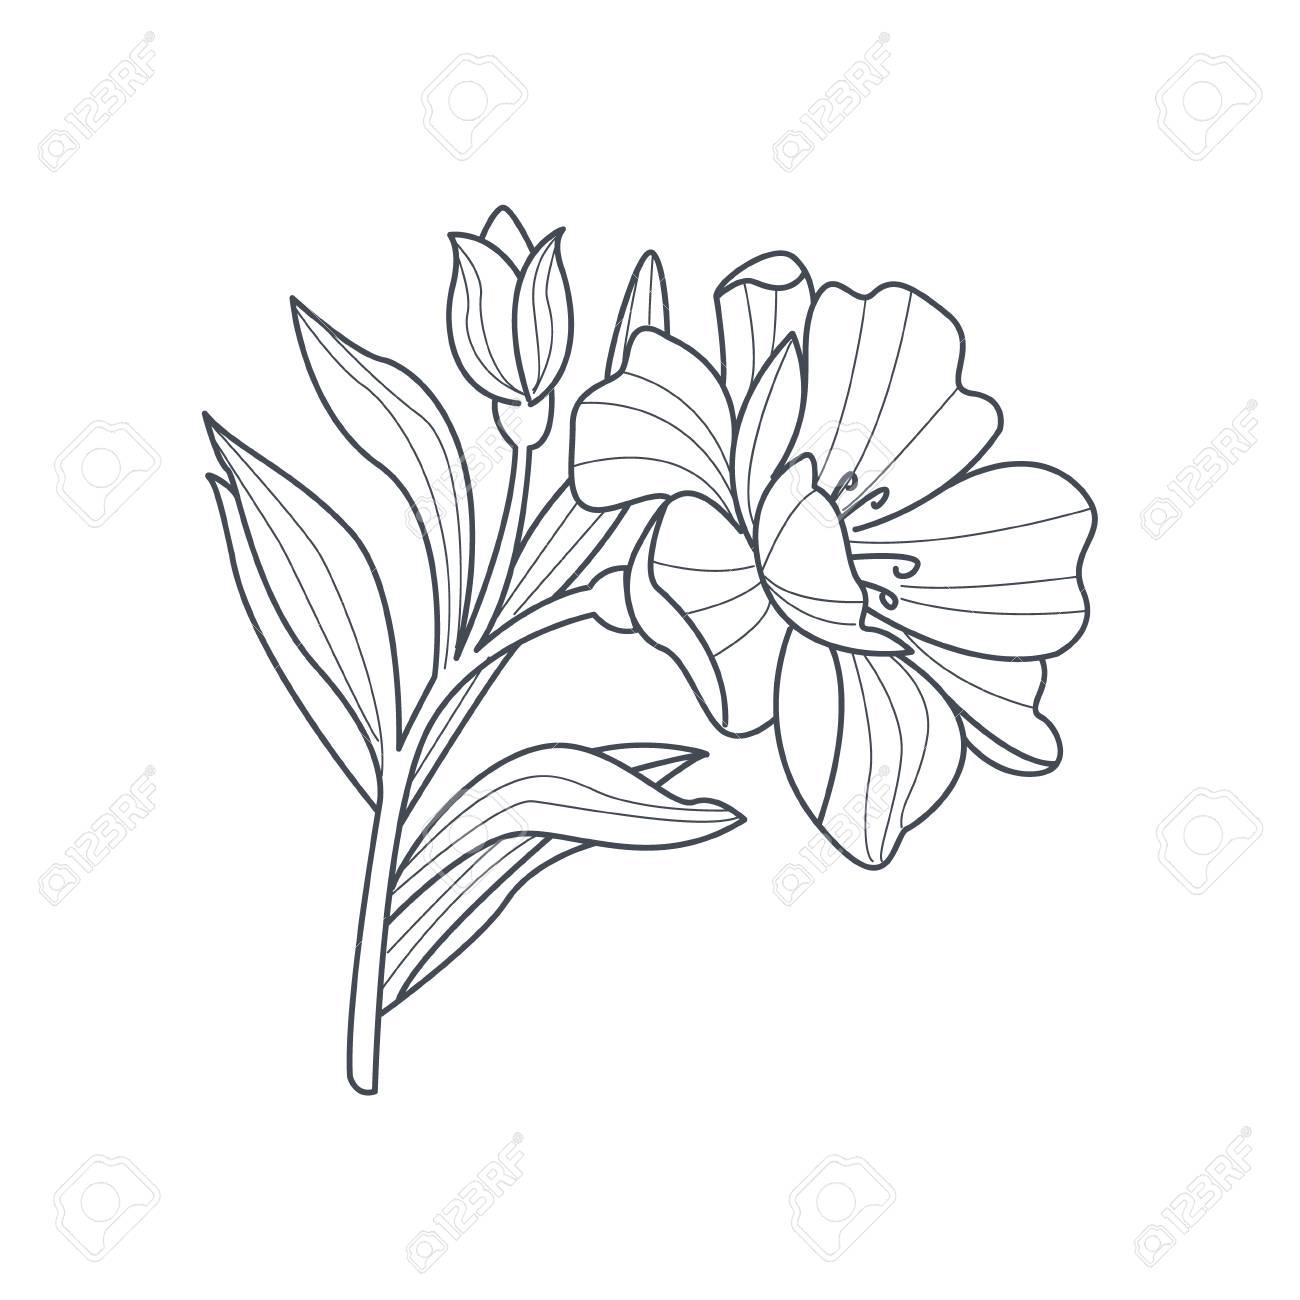 Dibujo Blanco Y Negro De Caléndula Flor Para Colorear Libro Dibujado ...